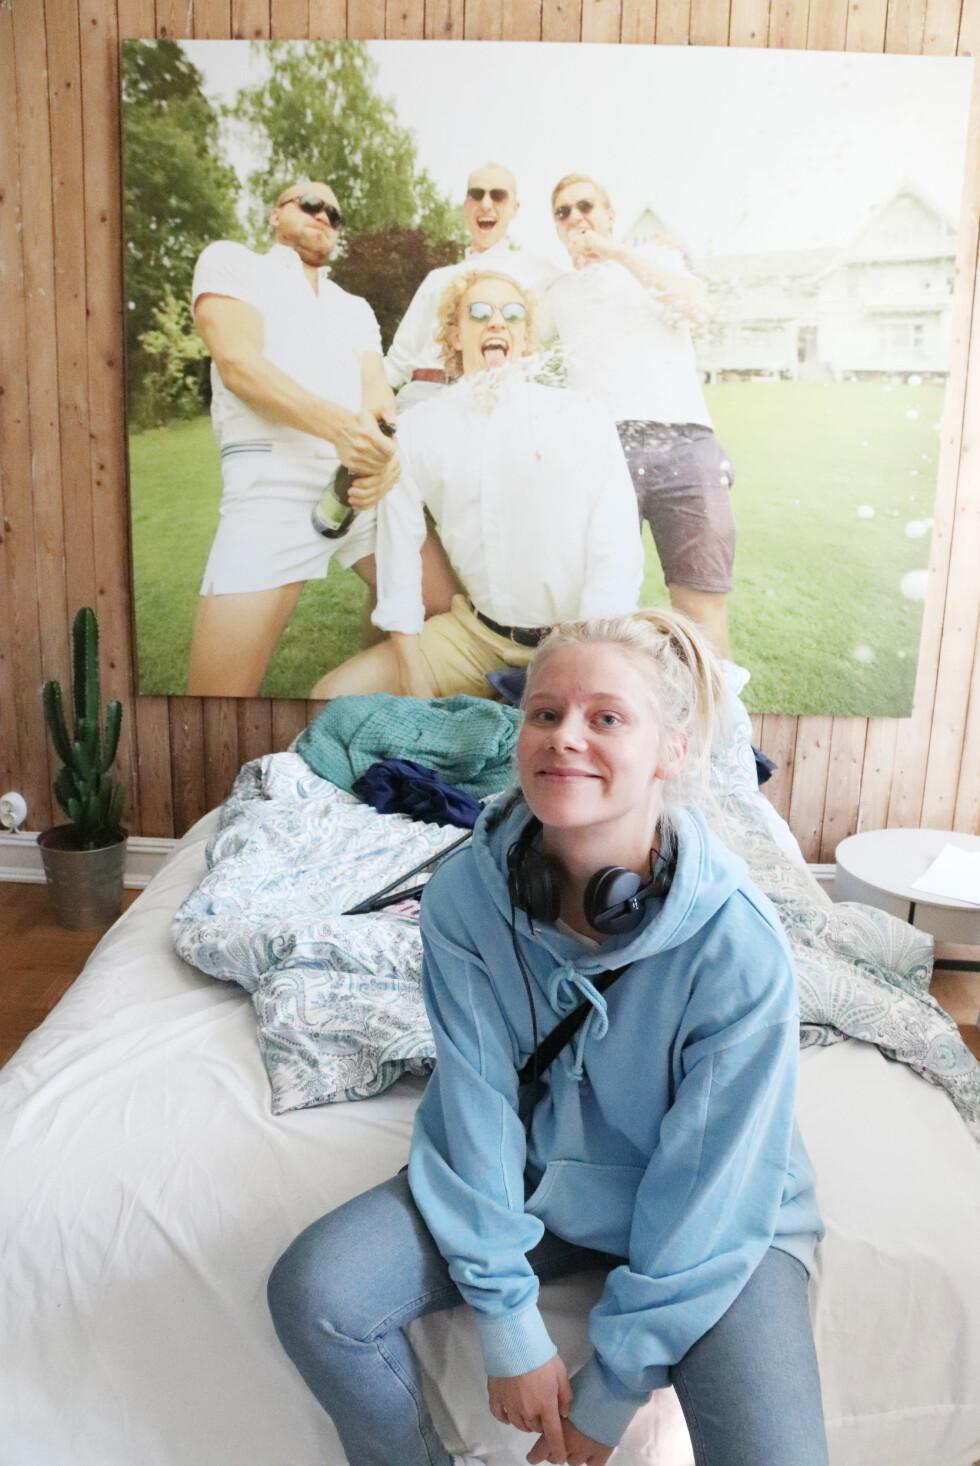 TALENTFULL: Regissør Caroline Johansen får mye skryt av sine kolleger i «Hvite gutter»-crewet. FOTO: Malini Bjørnstad // KK